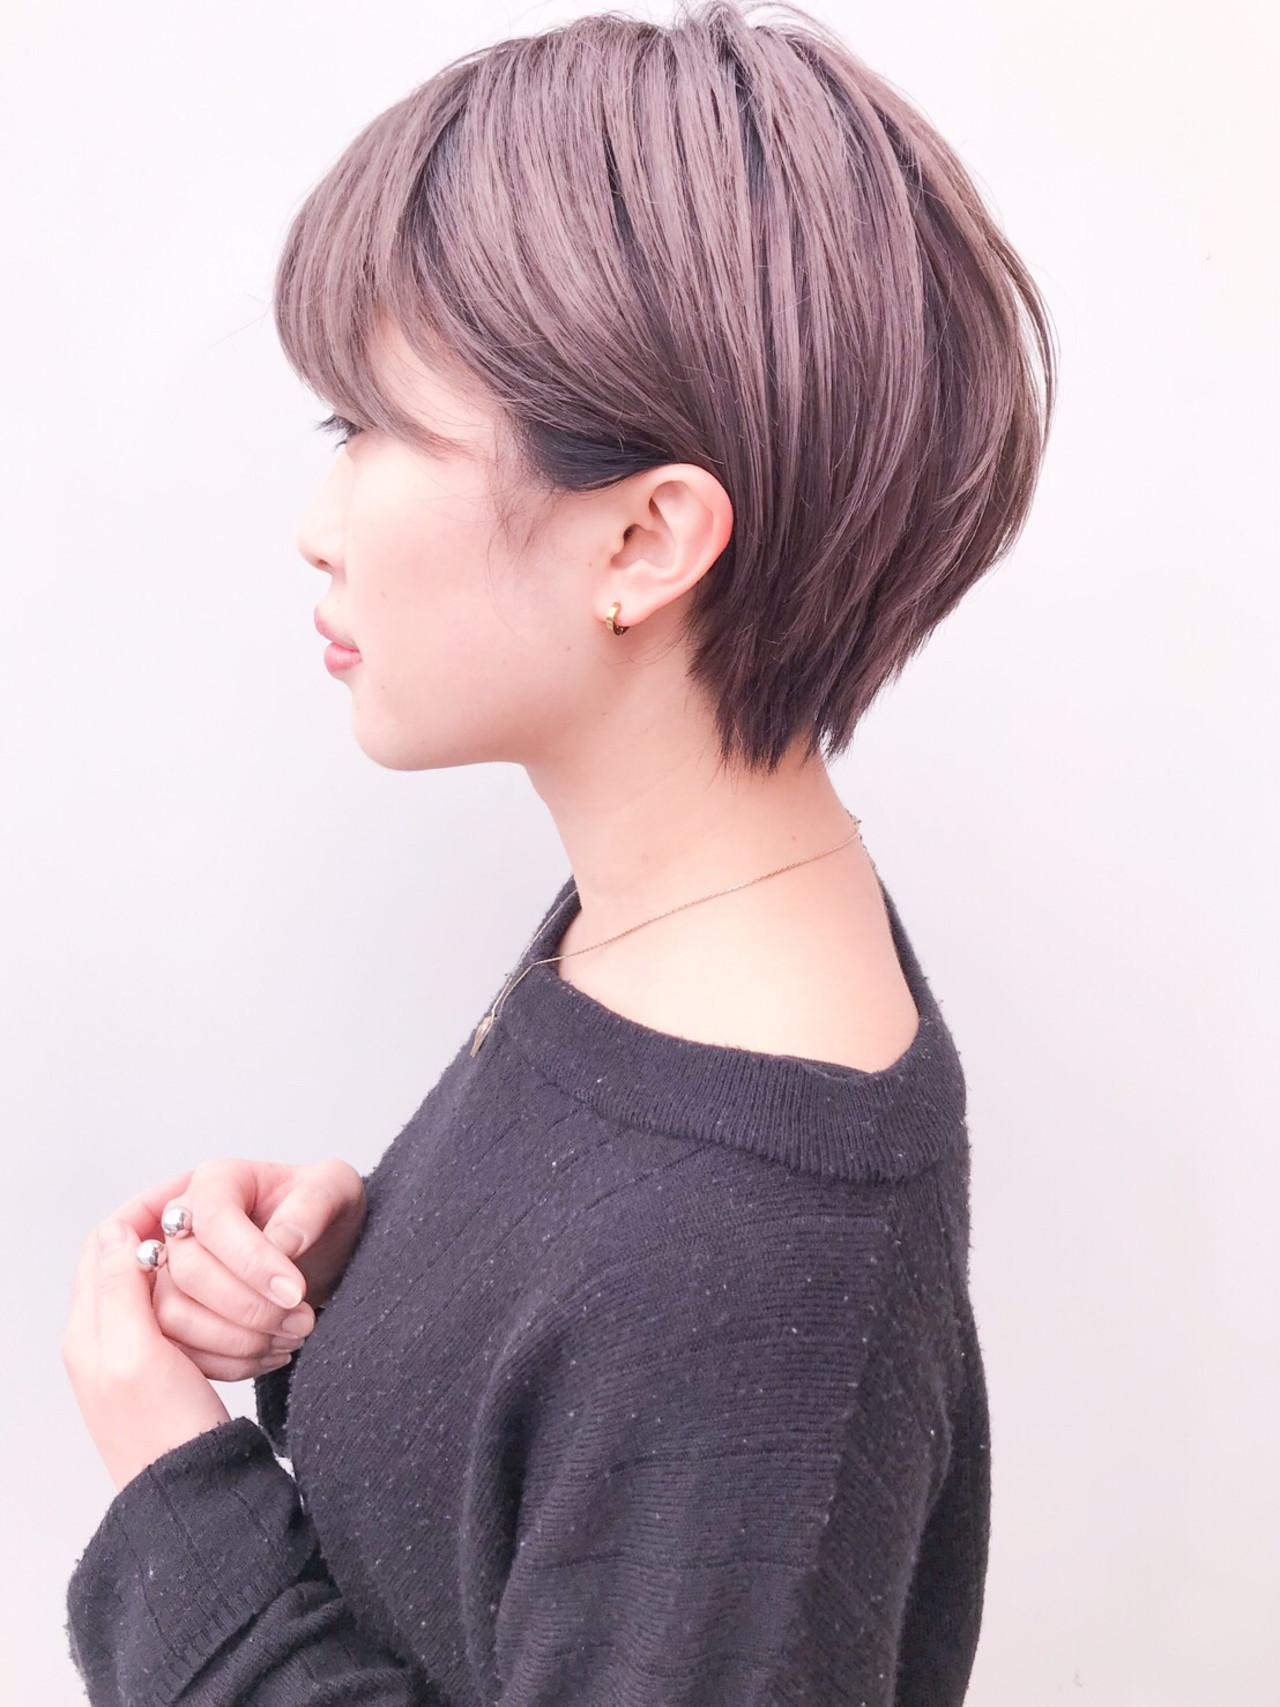 ショート イルミナカラー デート 丸みショート ヘアスタイルや髪型の写真・画像 | HIROKI / roijir / roijir